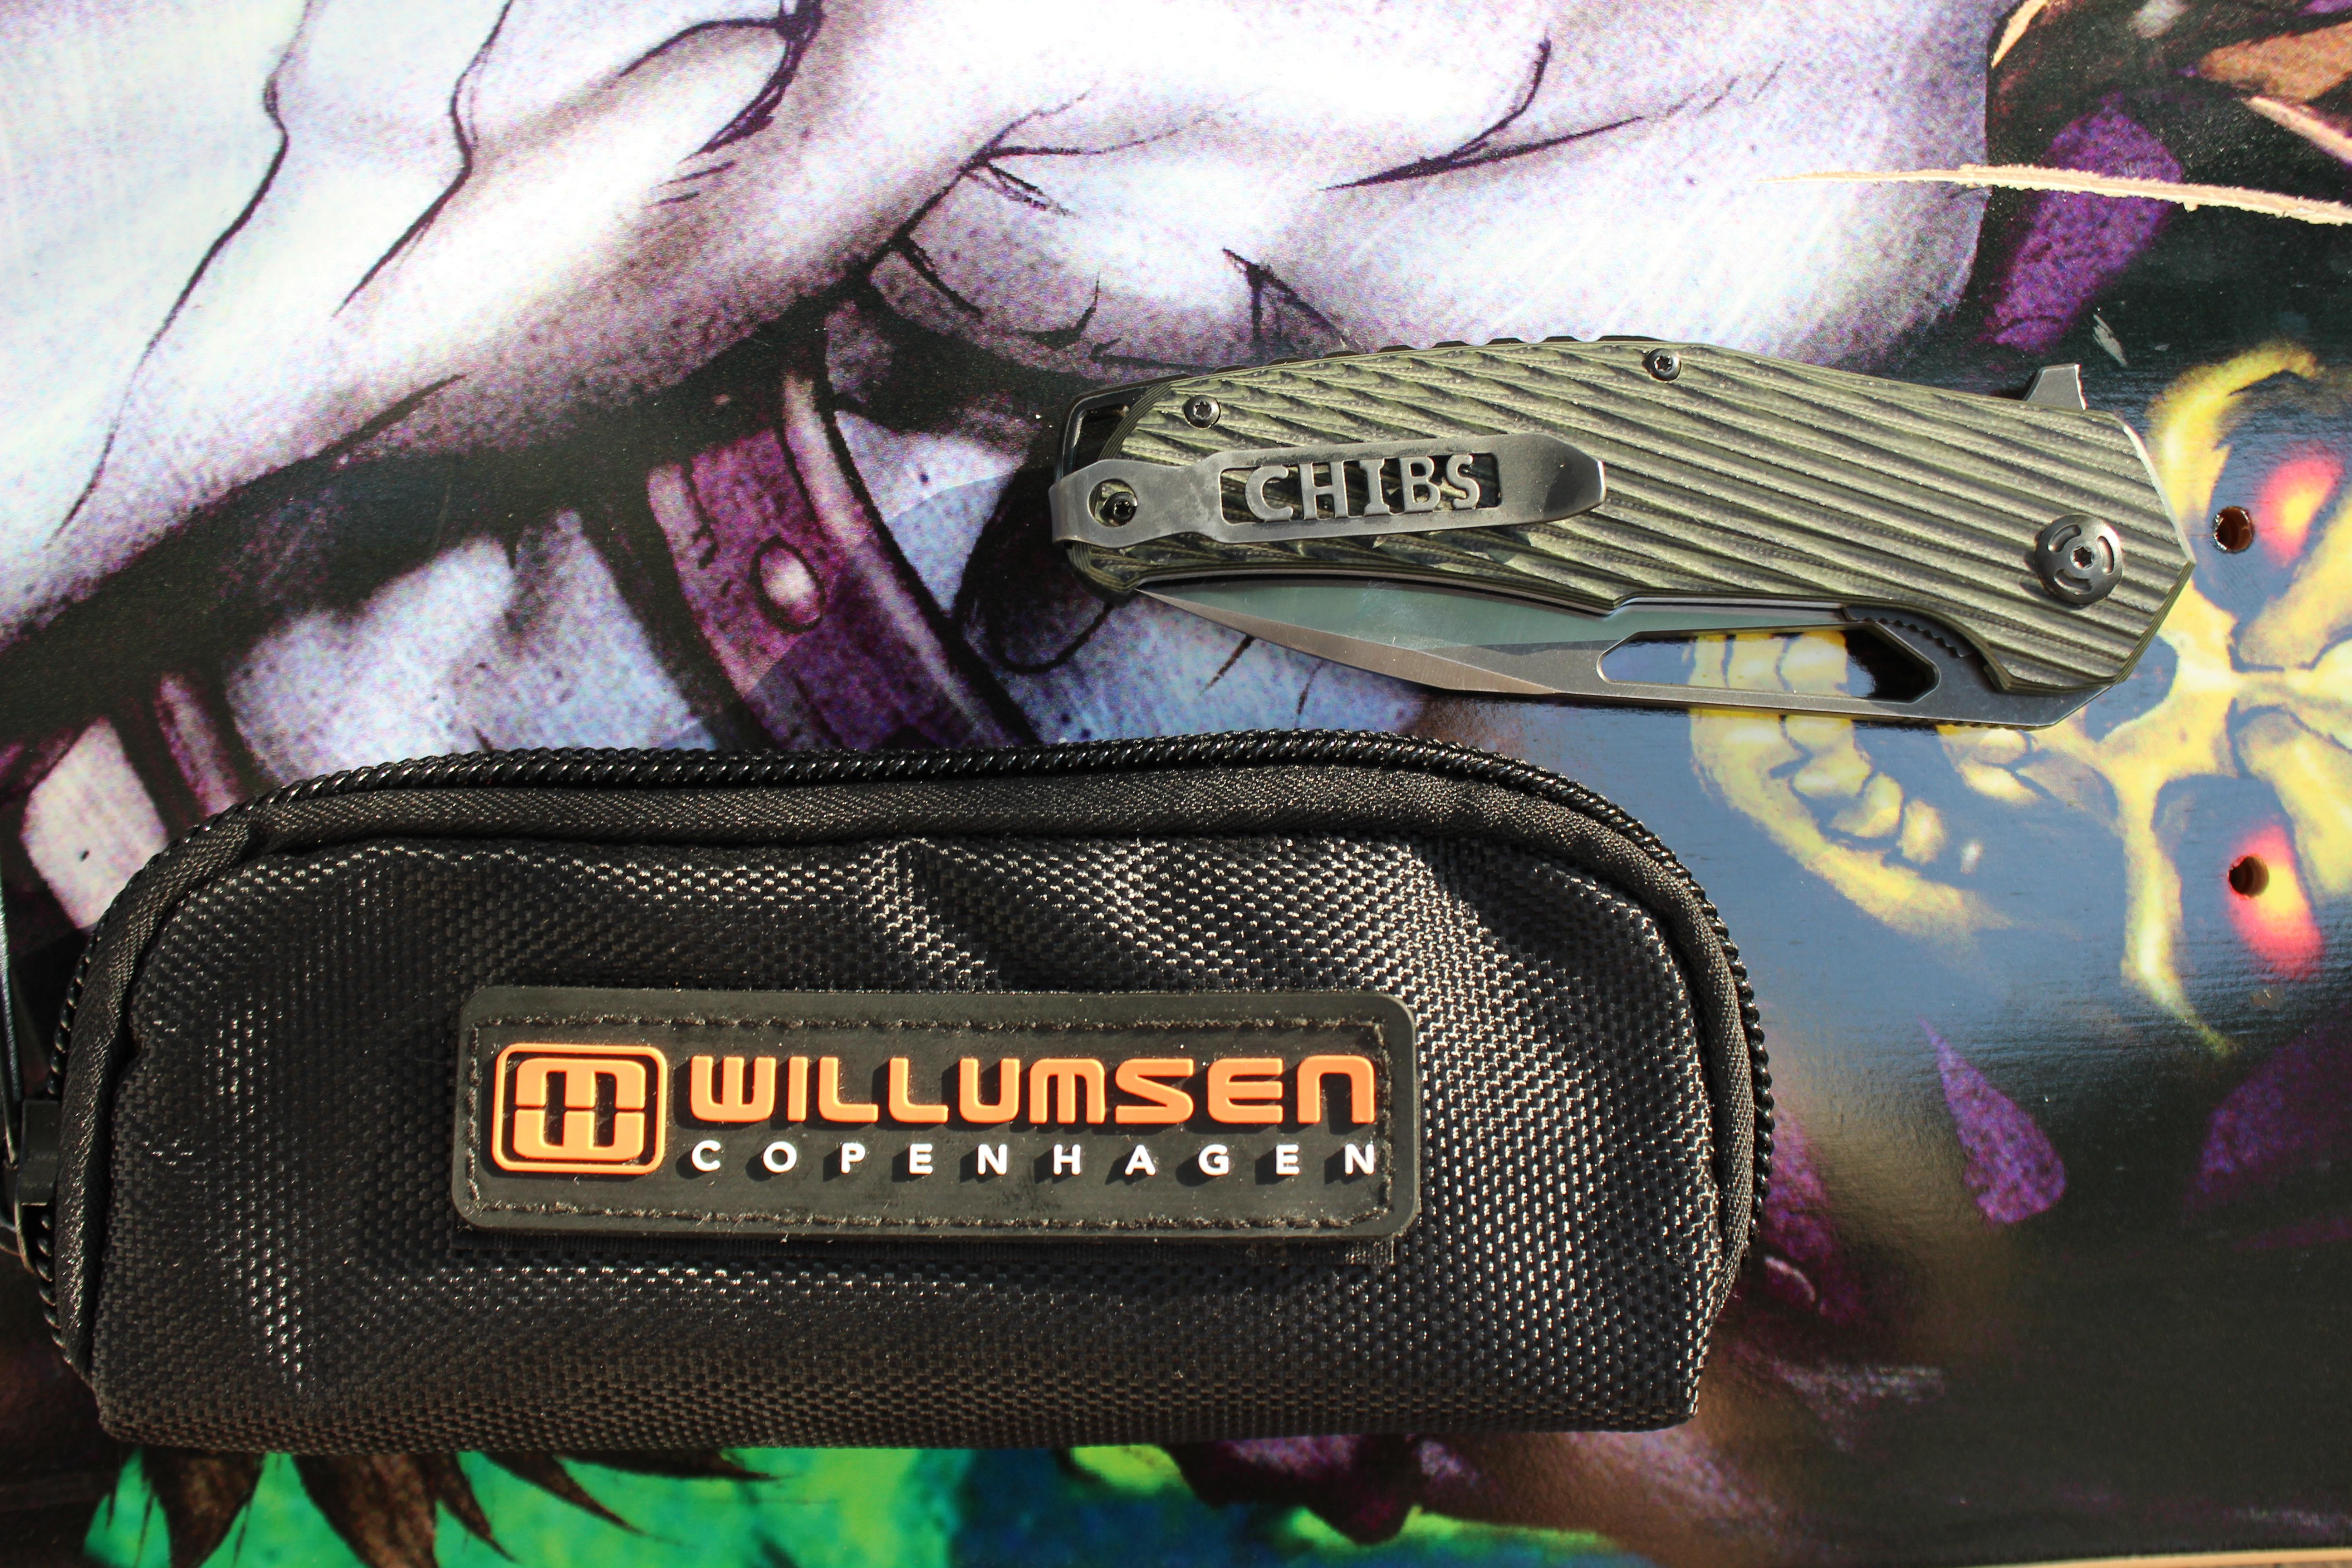 Willemsun Copenhagen Chibs Adventure Knife